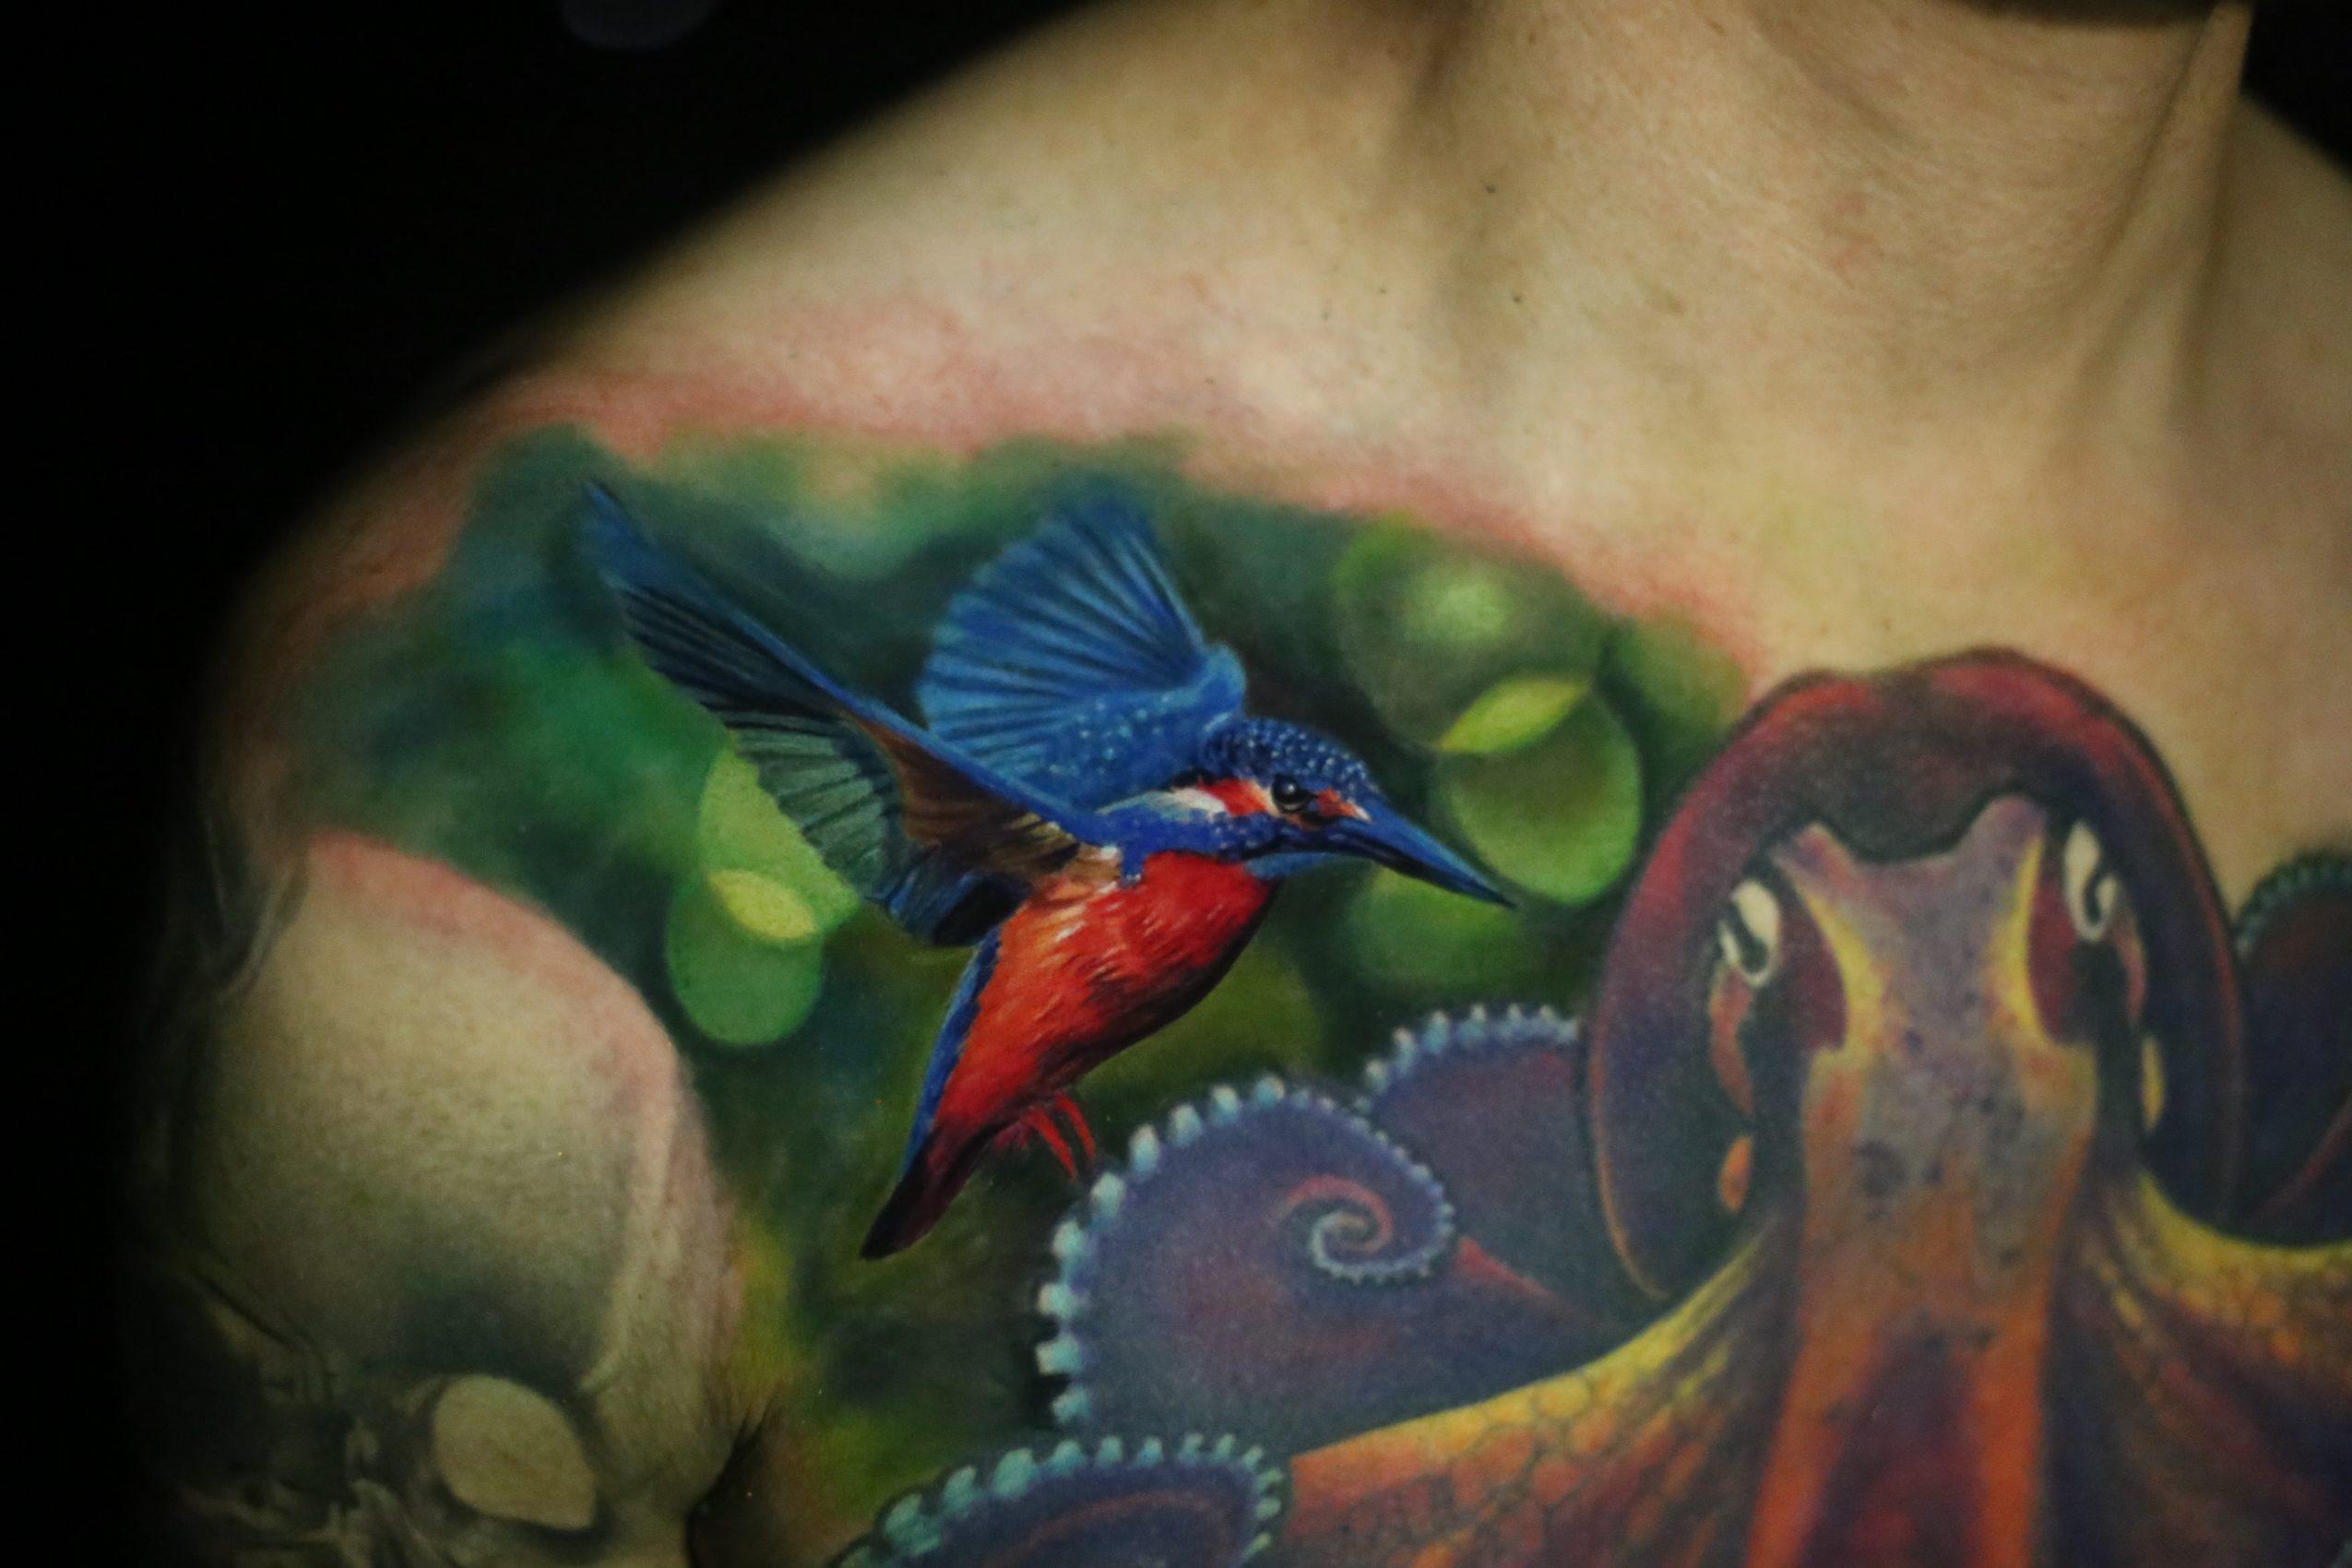 2f7bde908 Meet Carlos Ortiz of Aztek Ink in Blue Island - Voyage Chicago ...